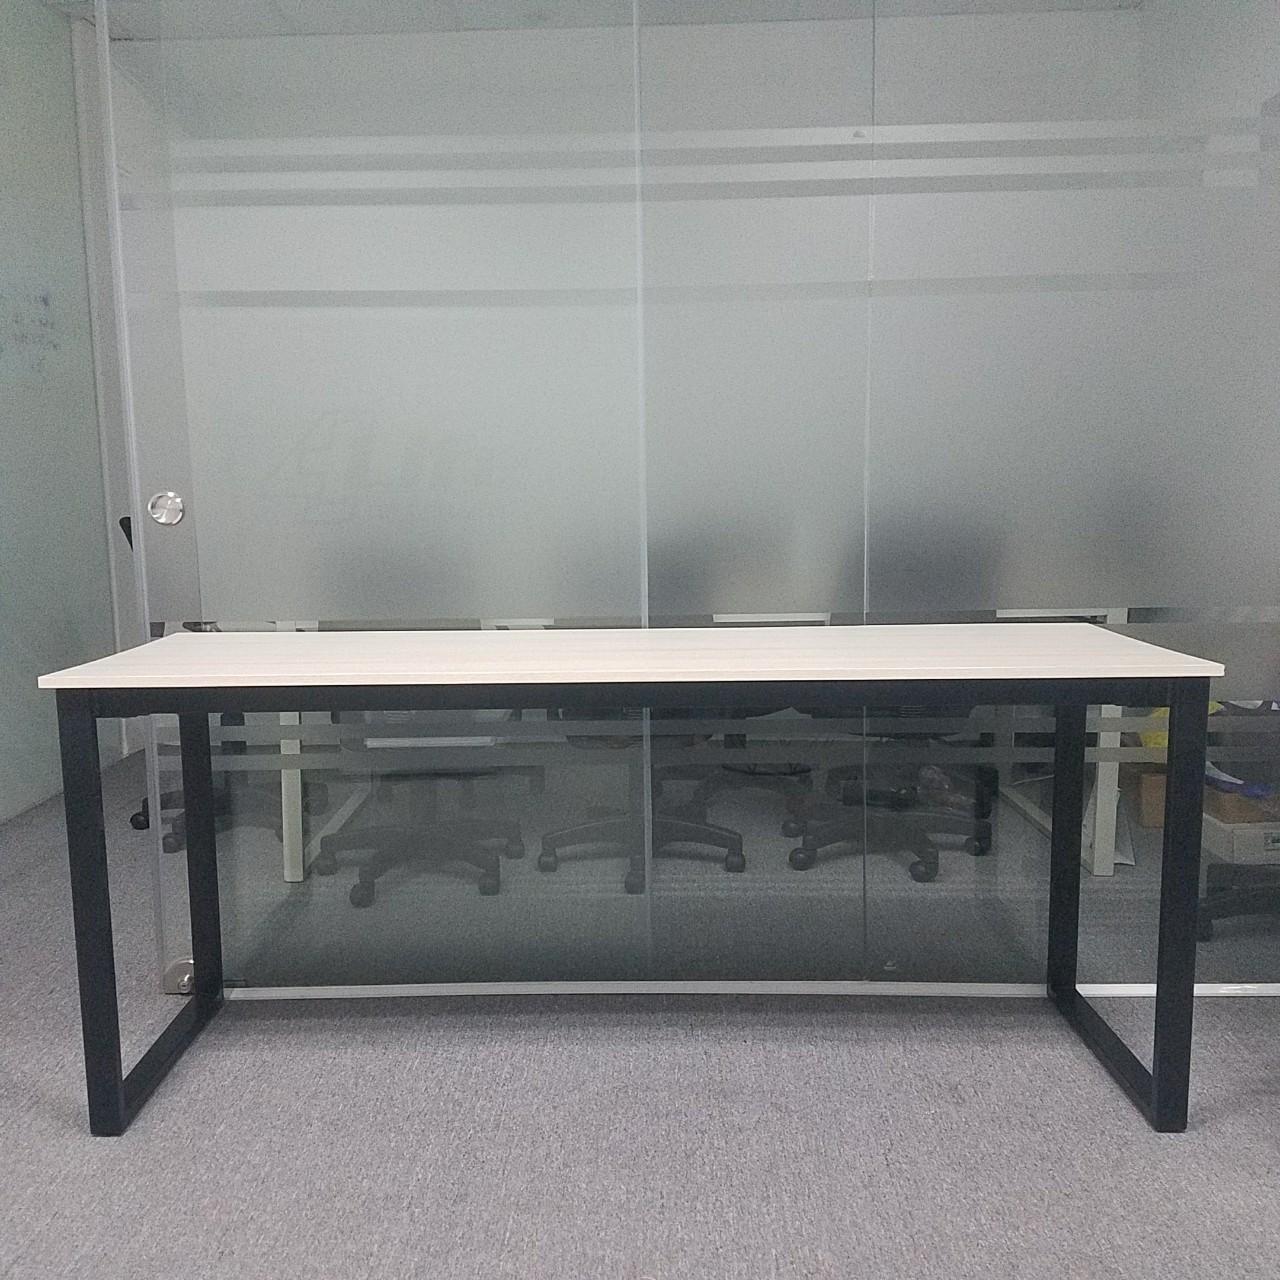 Bàn văn phòng chân sắt 1m8 x 60 : BVS – 1860